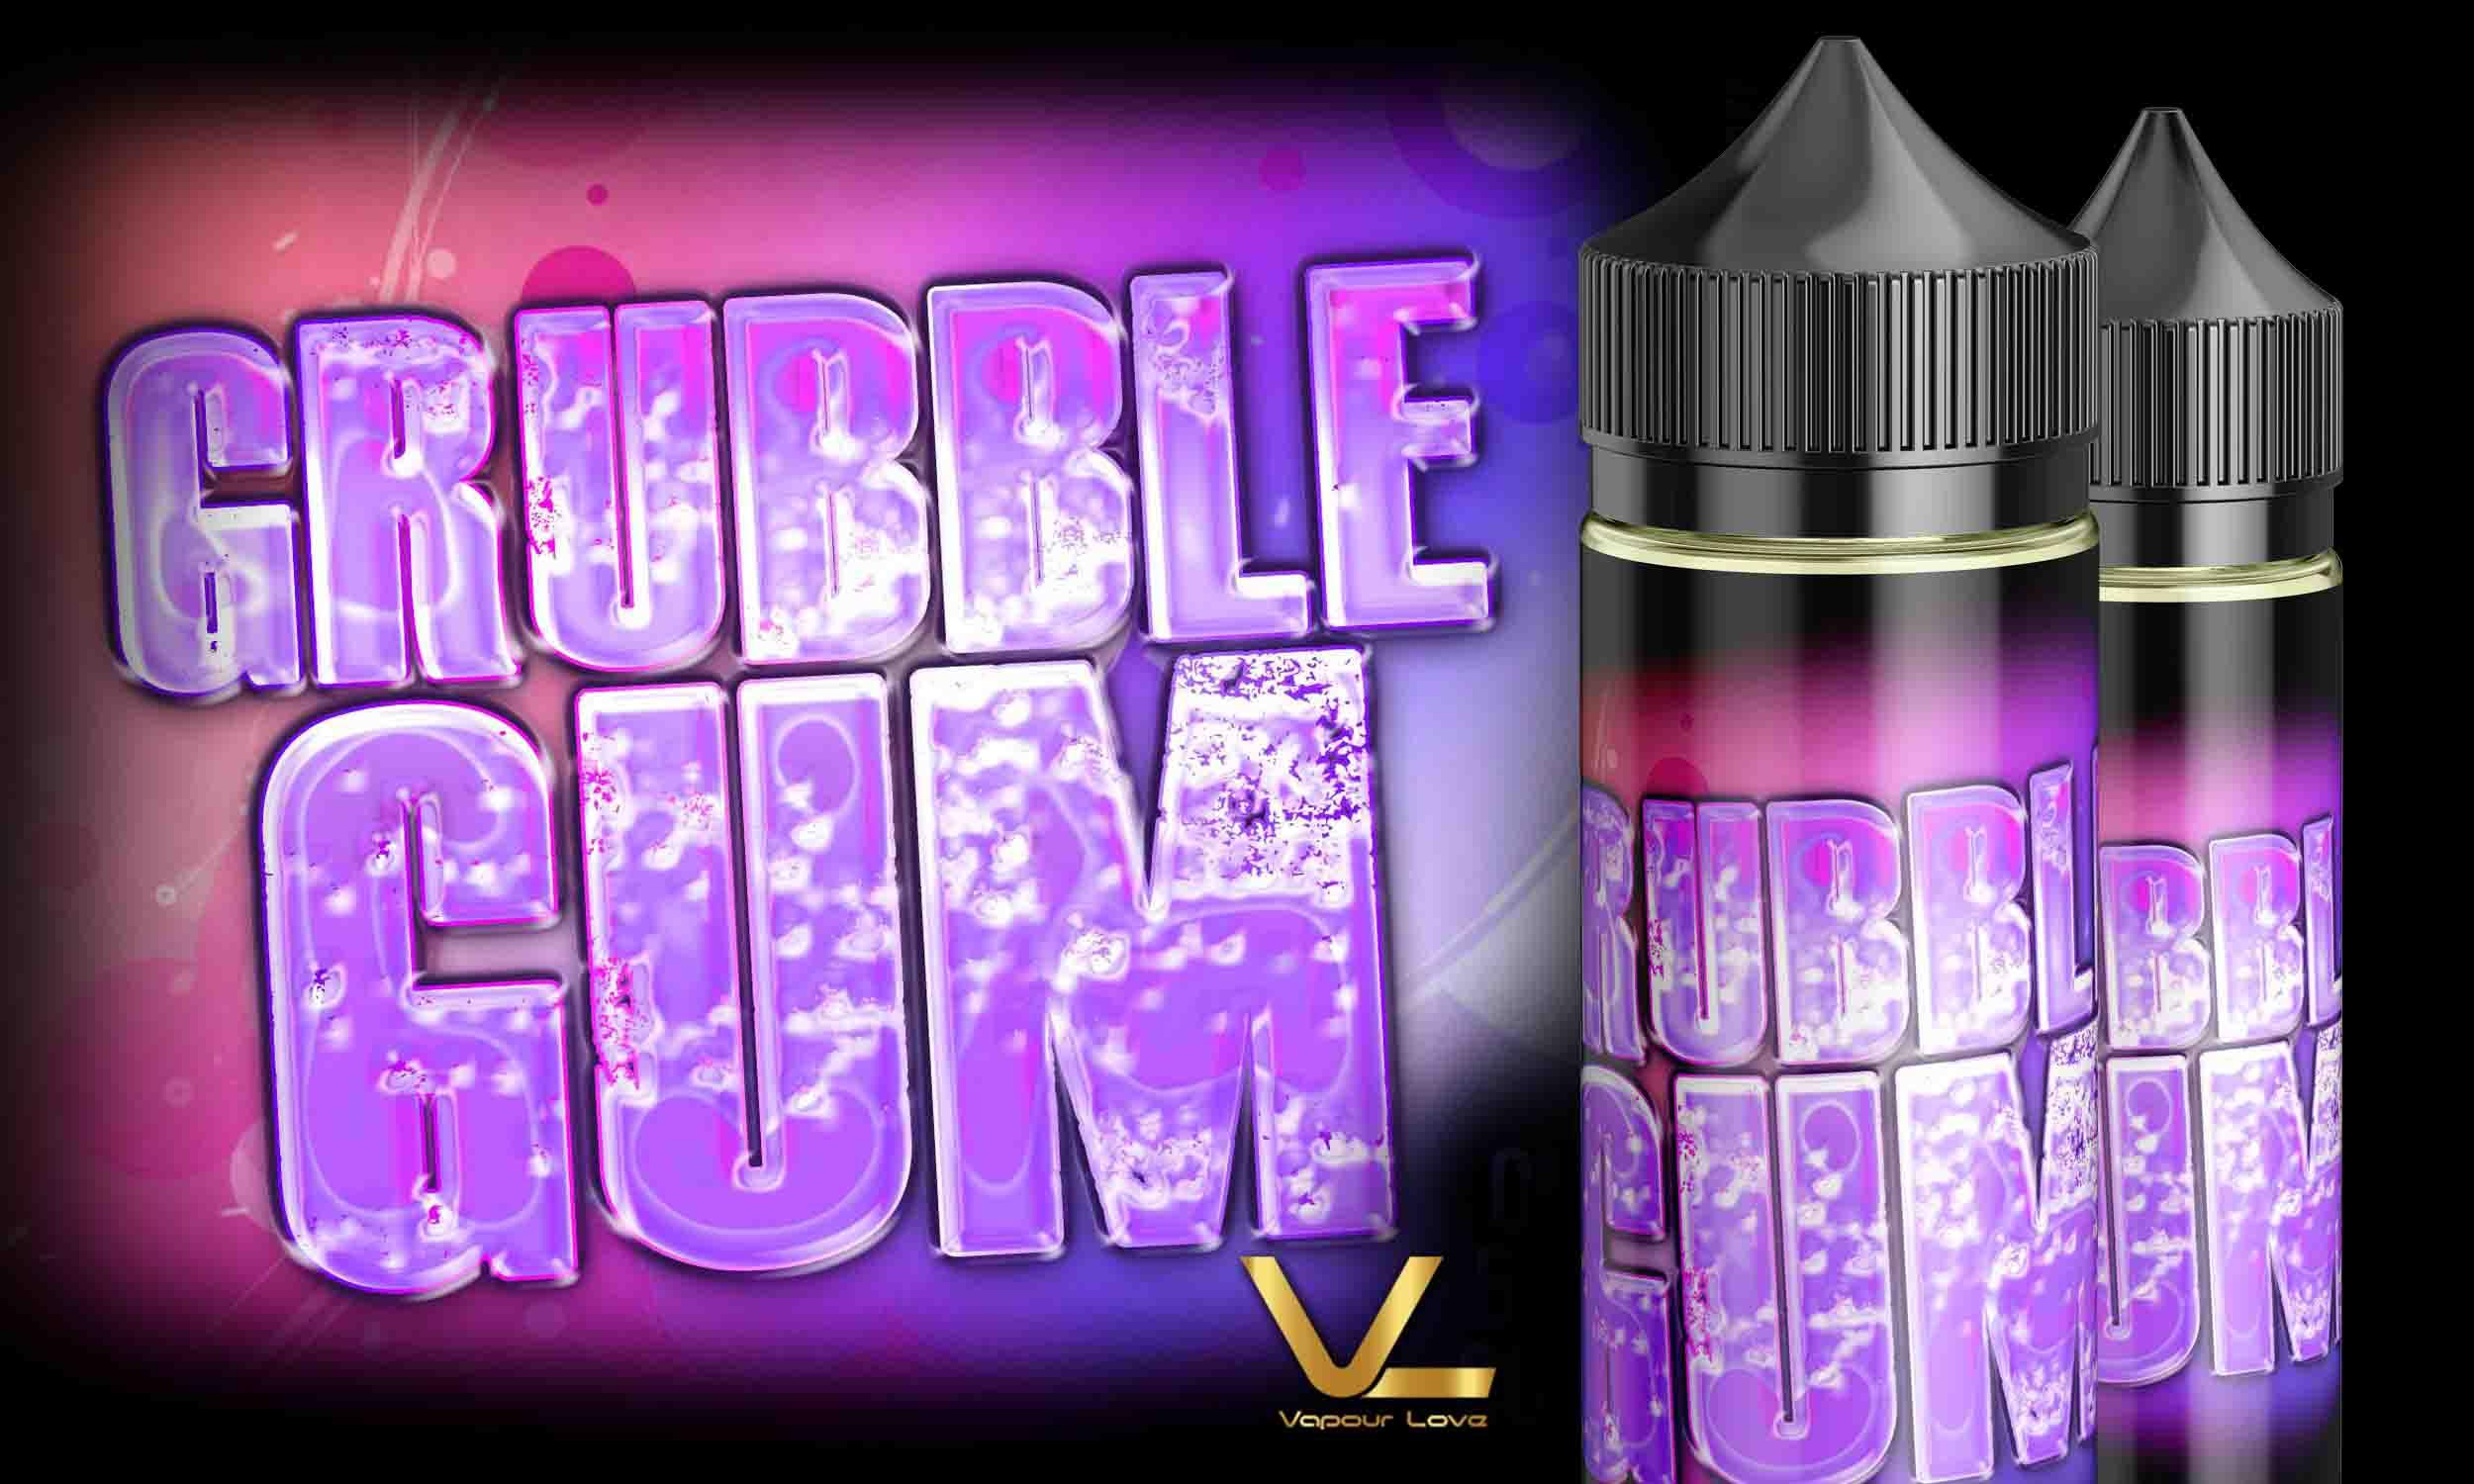 Grubble_gum_gum _vapour-Love_eliquids.jpg